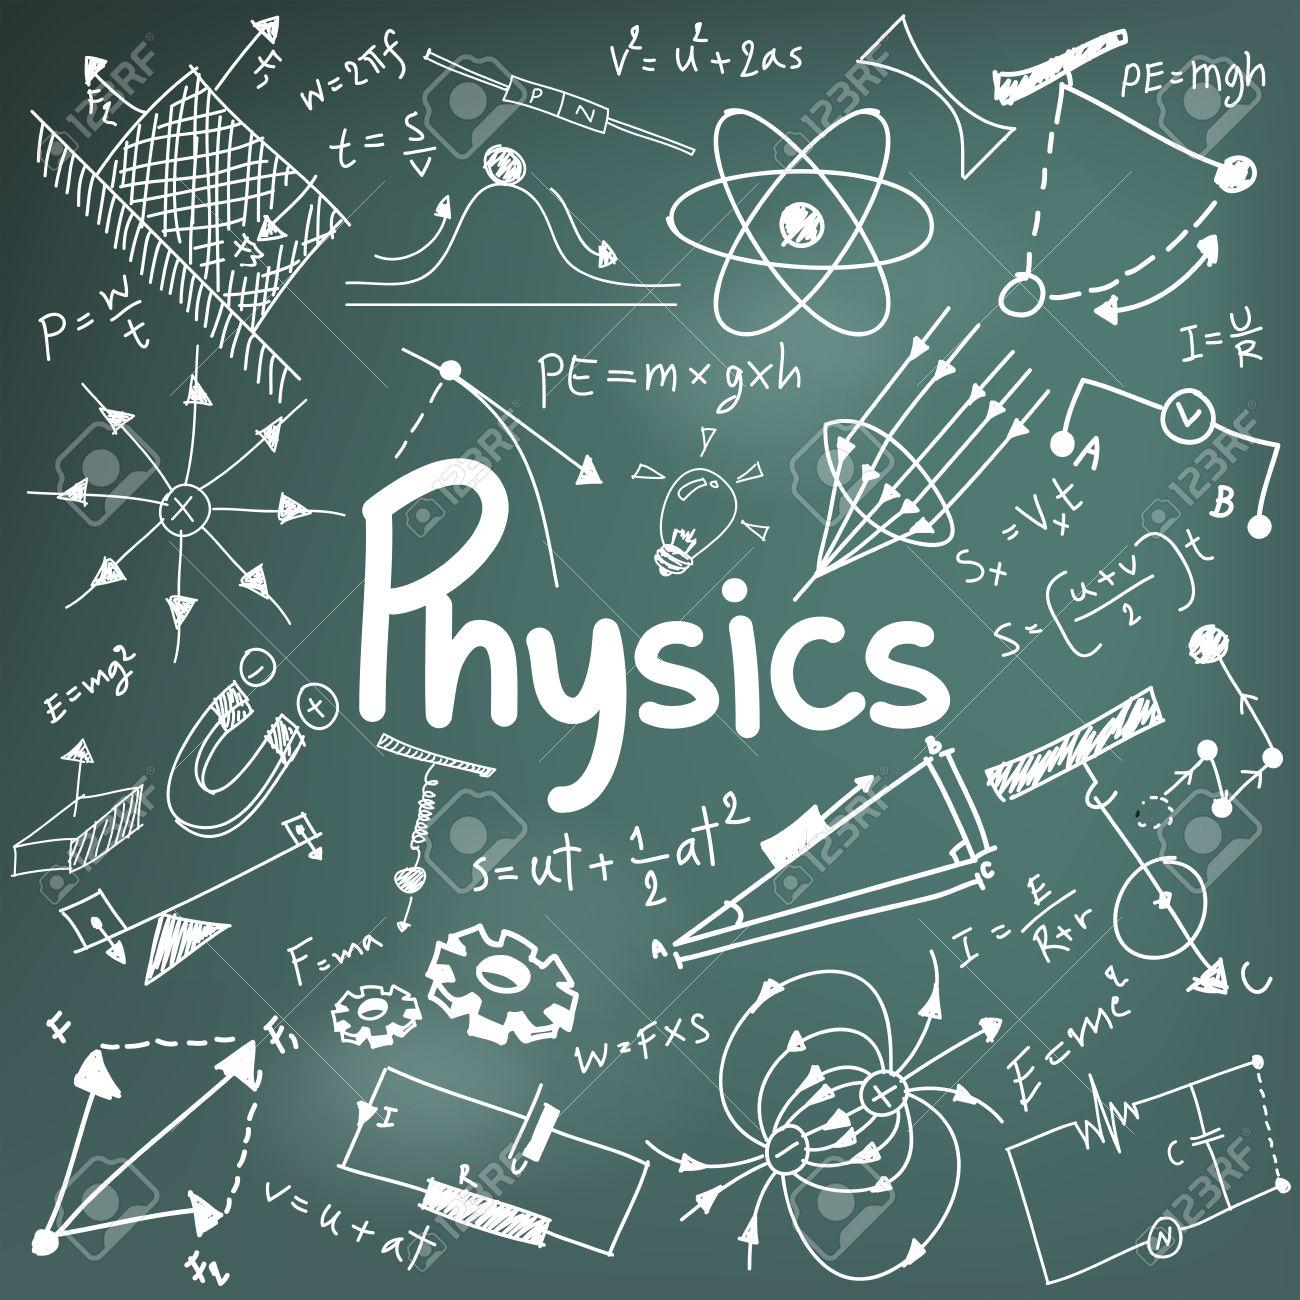 گرایش های رشته فیزیک در مقطع کارشناسی ارشد